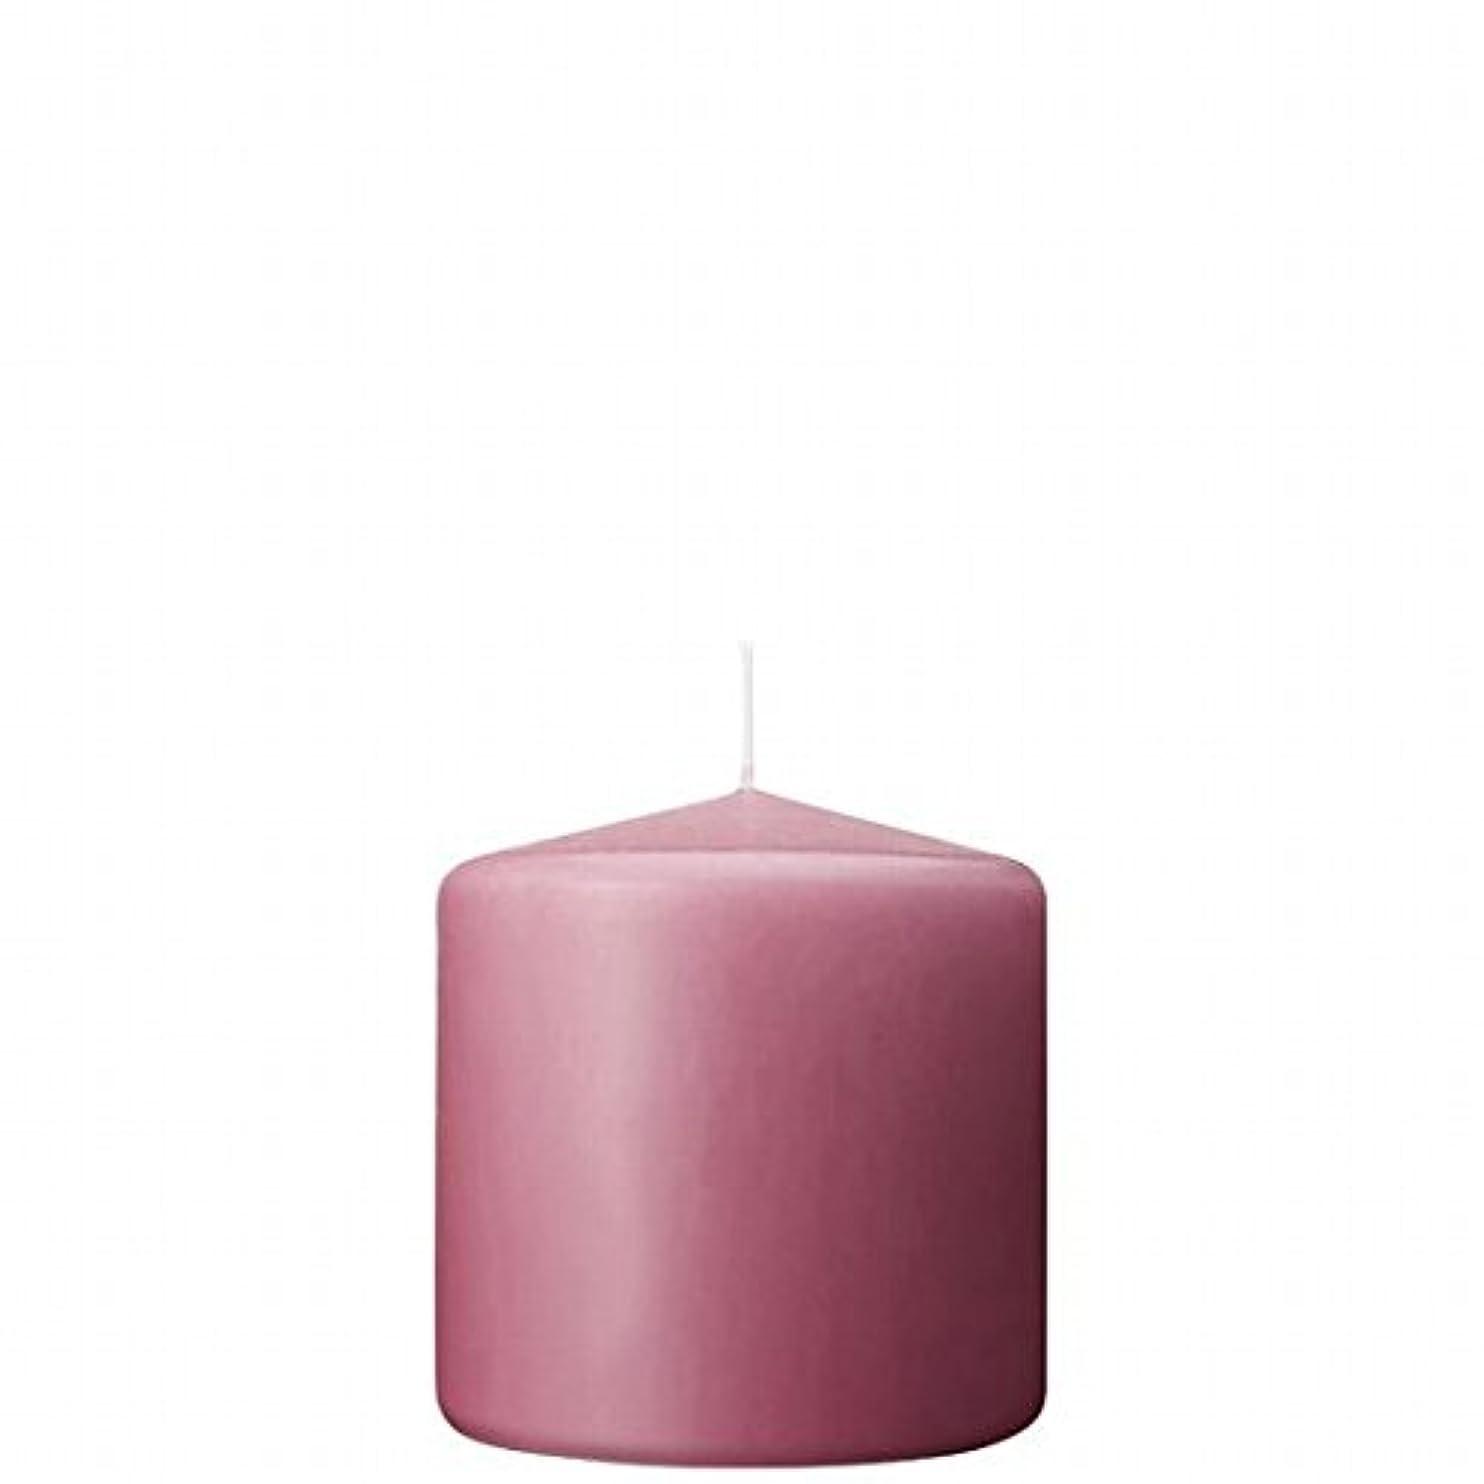 増強可愛いアジア人カメヤマキャンドル(kameyama candle) 3×3ベルトップピラーキャンドル 「 ラベンダークリーム 」